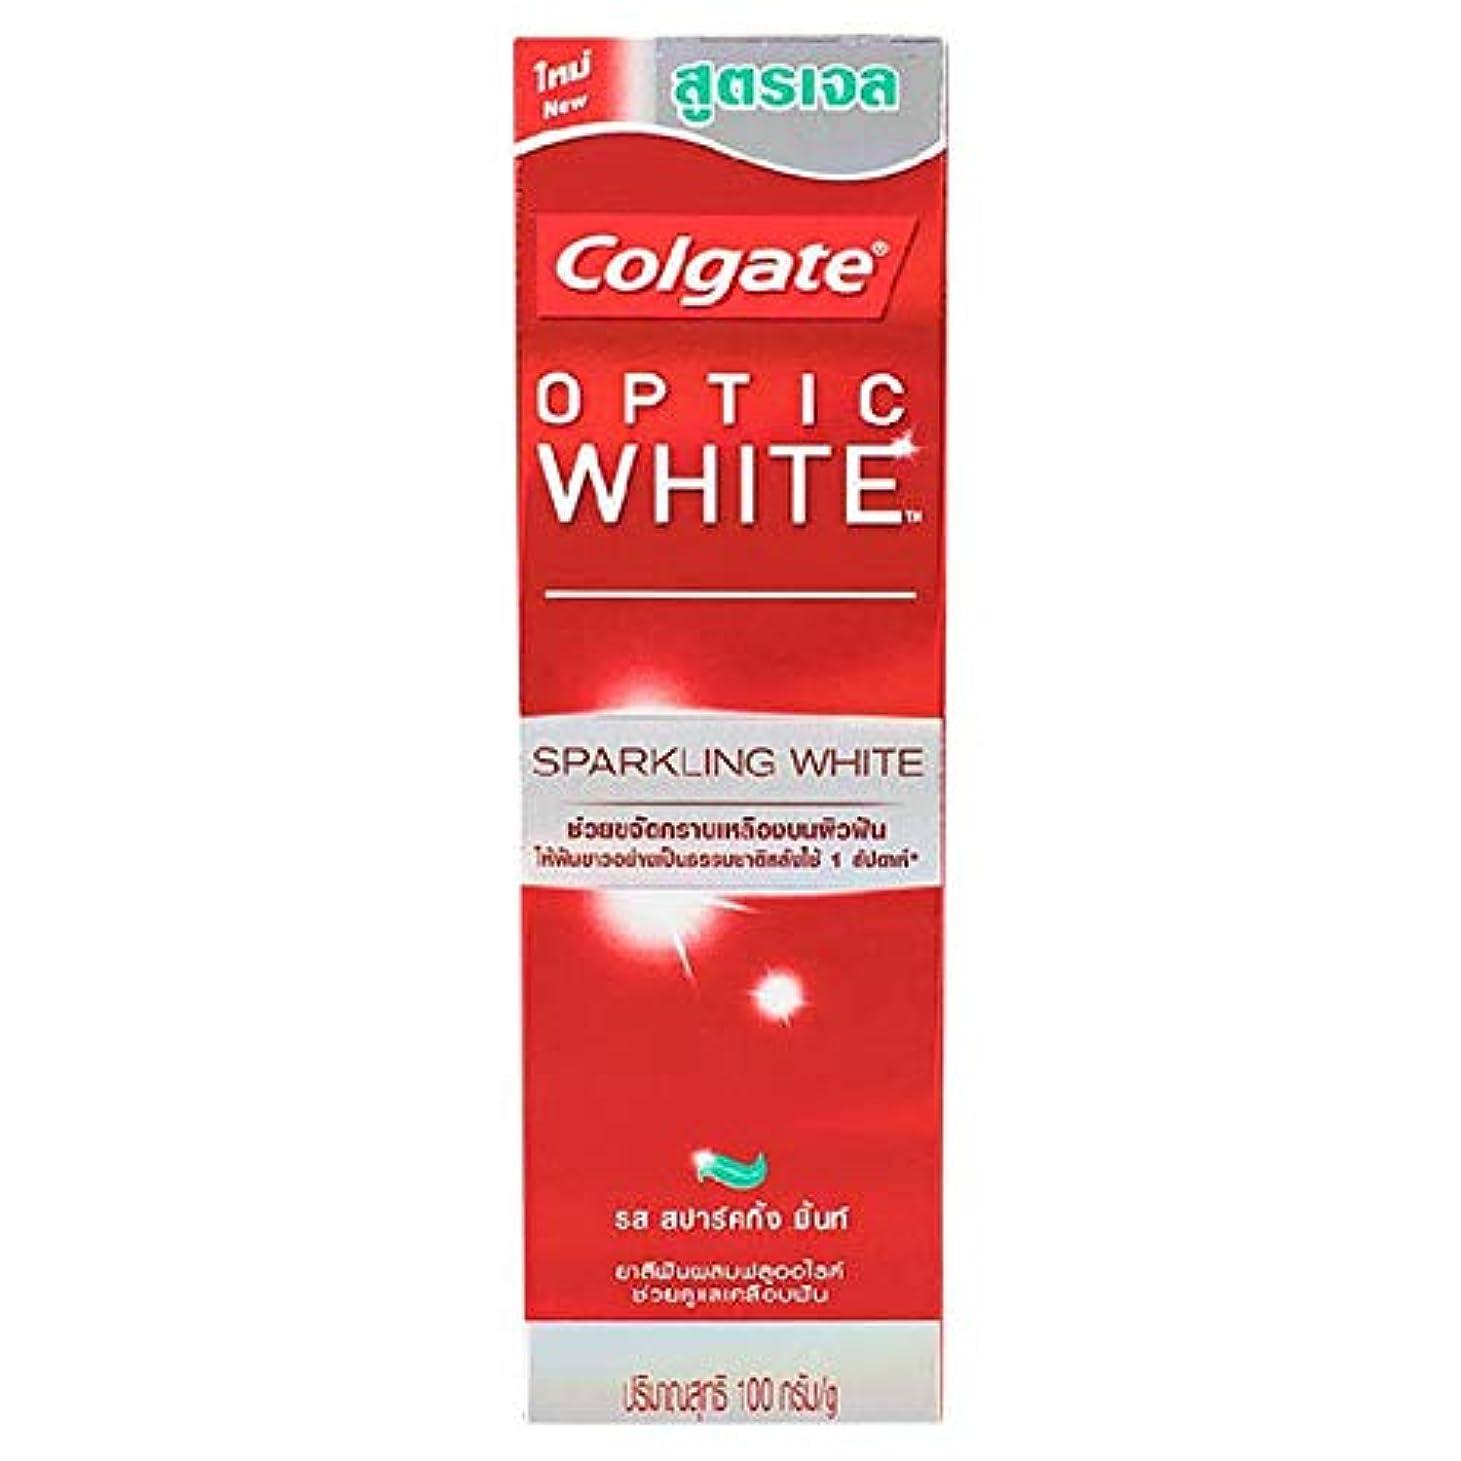 文法透明に敬の念(コルゲート)Colgate 歯磨き粉 「オプティック ホワイト 」 (スパークリングホワイト)